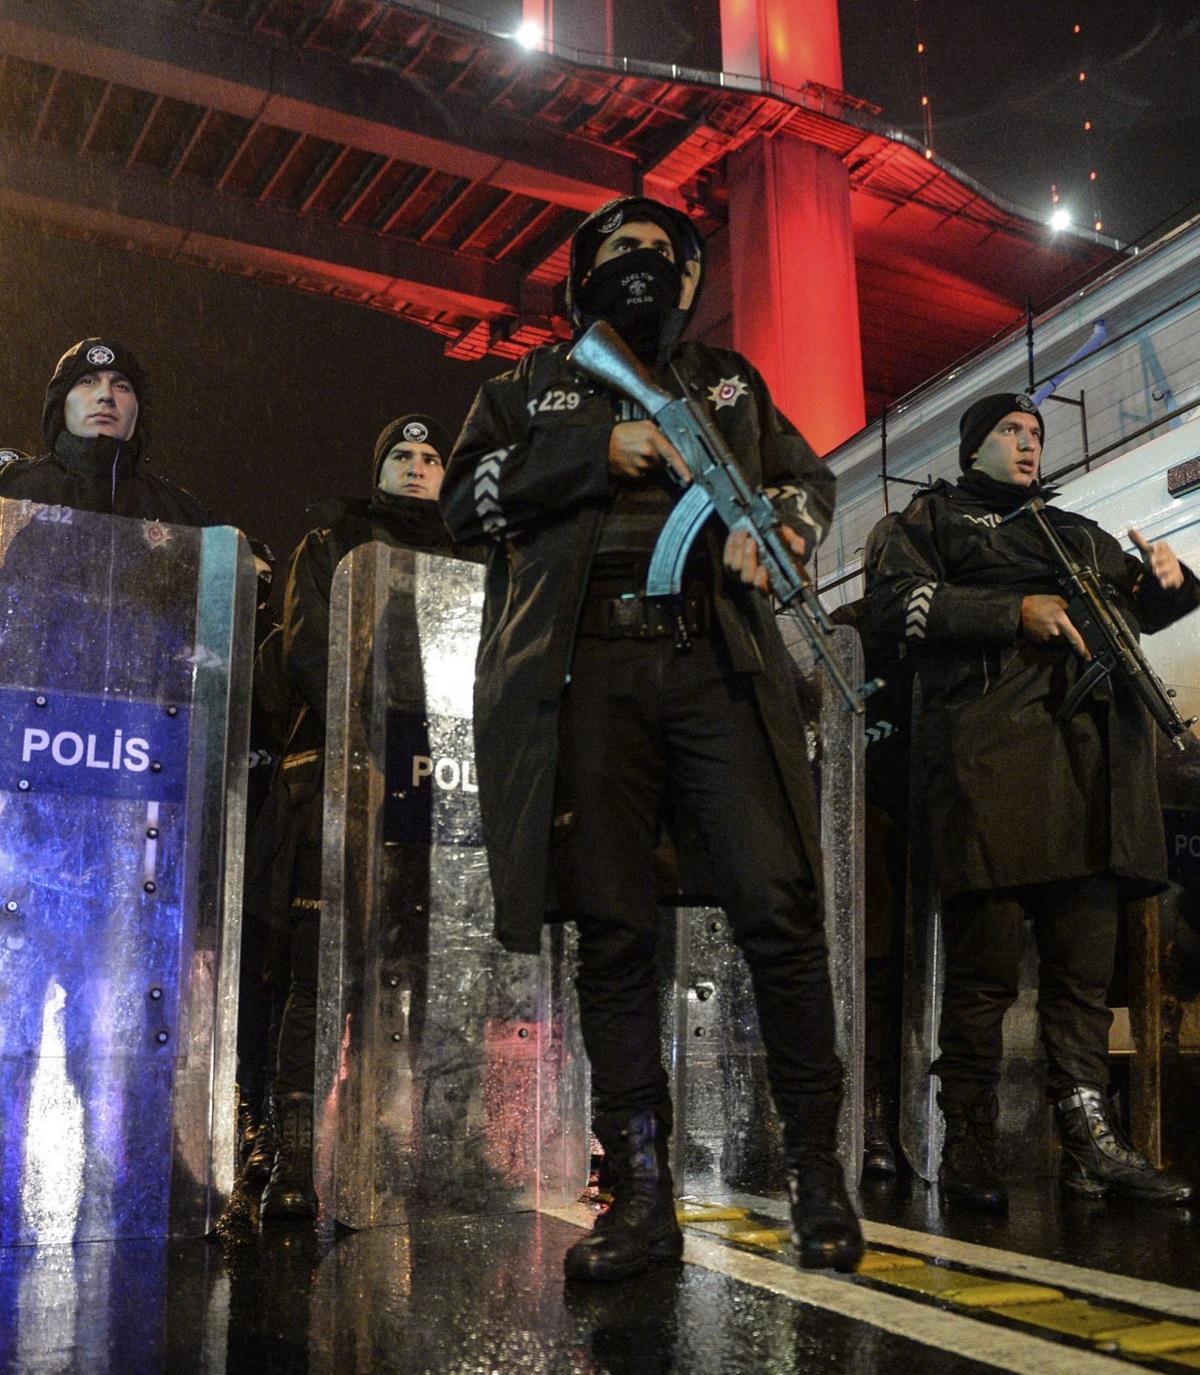 При въоръжено нападение в нощен клуб в Истанбул в новогодишната нощ загинаха 39 души, включително 16 чужденци, а броят на ранените е 69, от които четири са в тежко състояние. Атаката е била извършена от мъж, дегизиран като Дядо Коледа